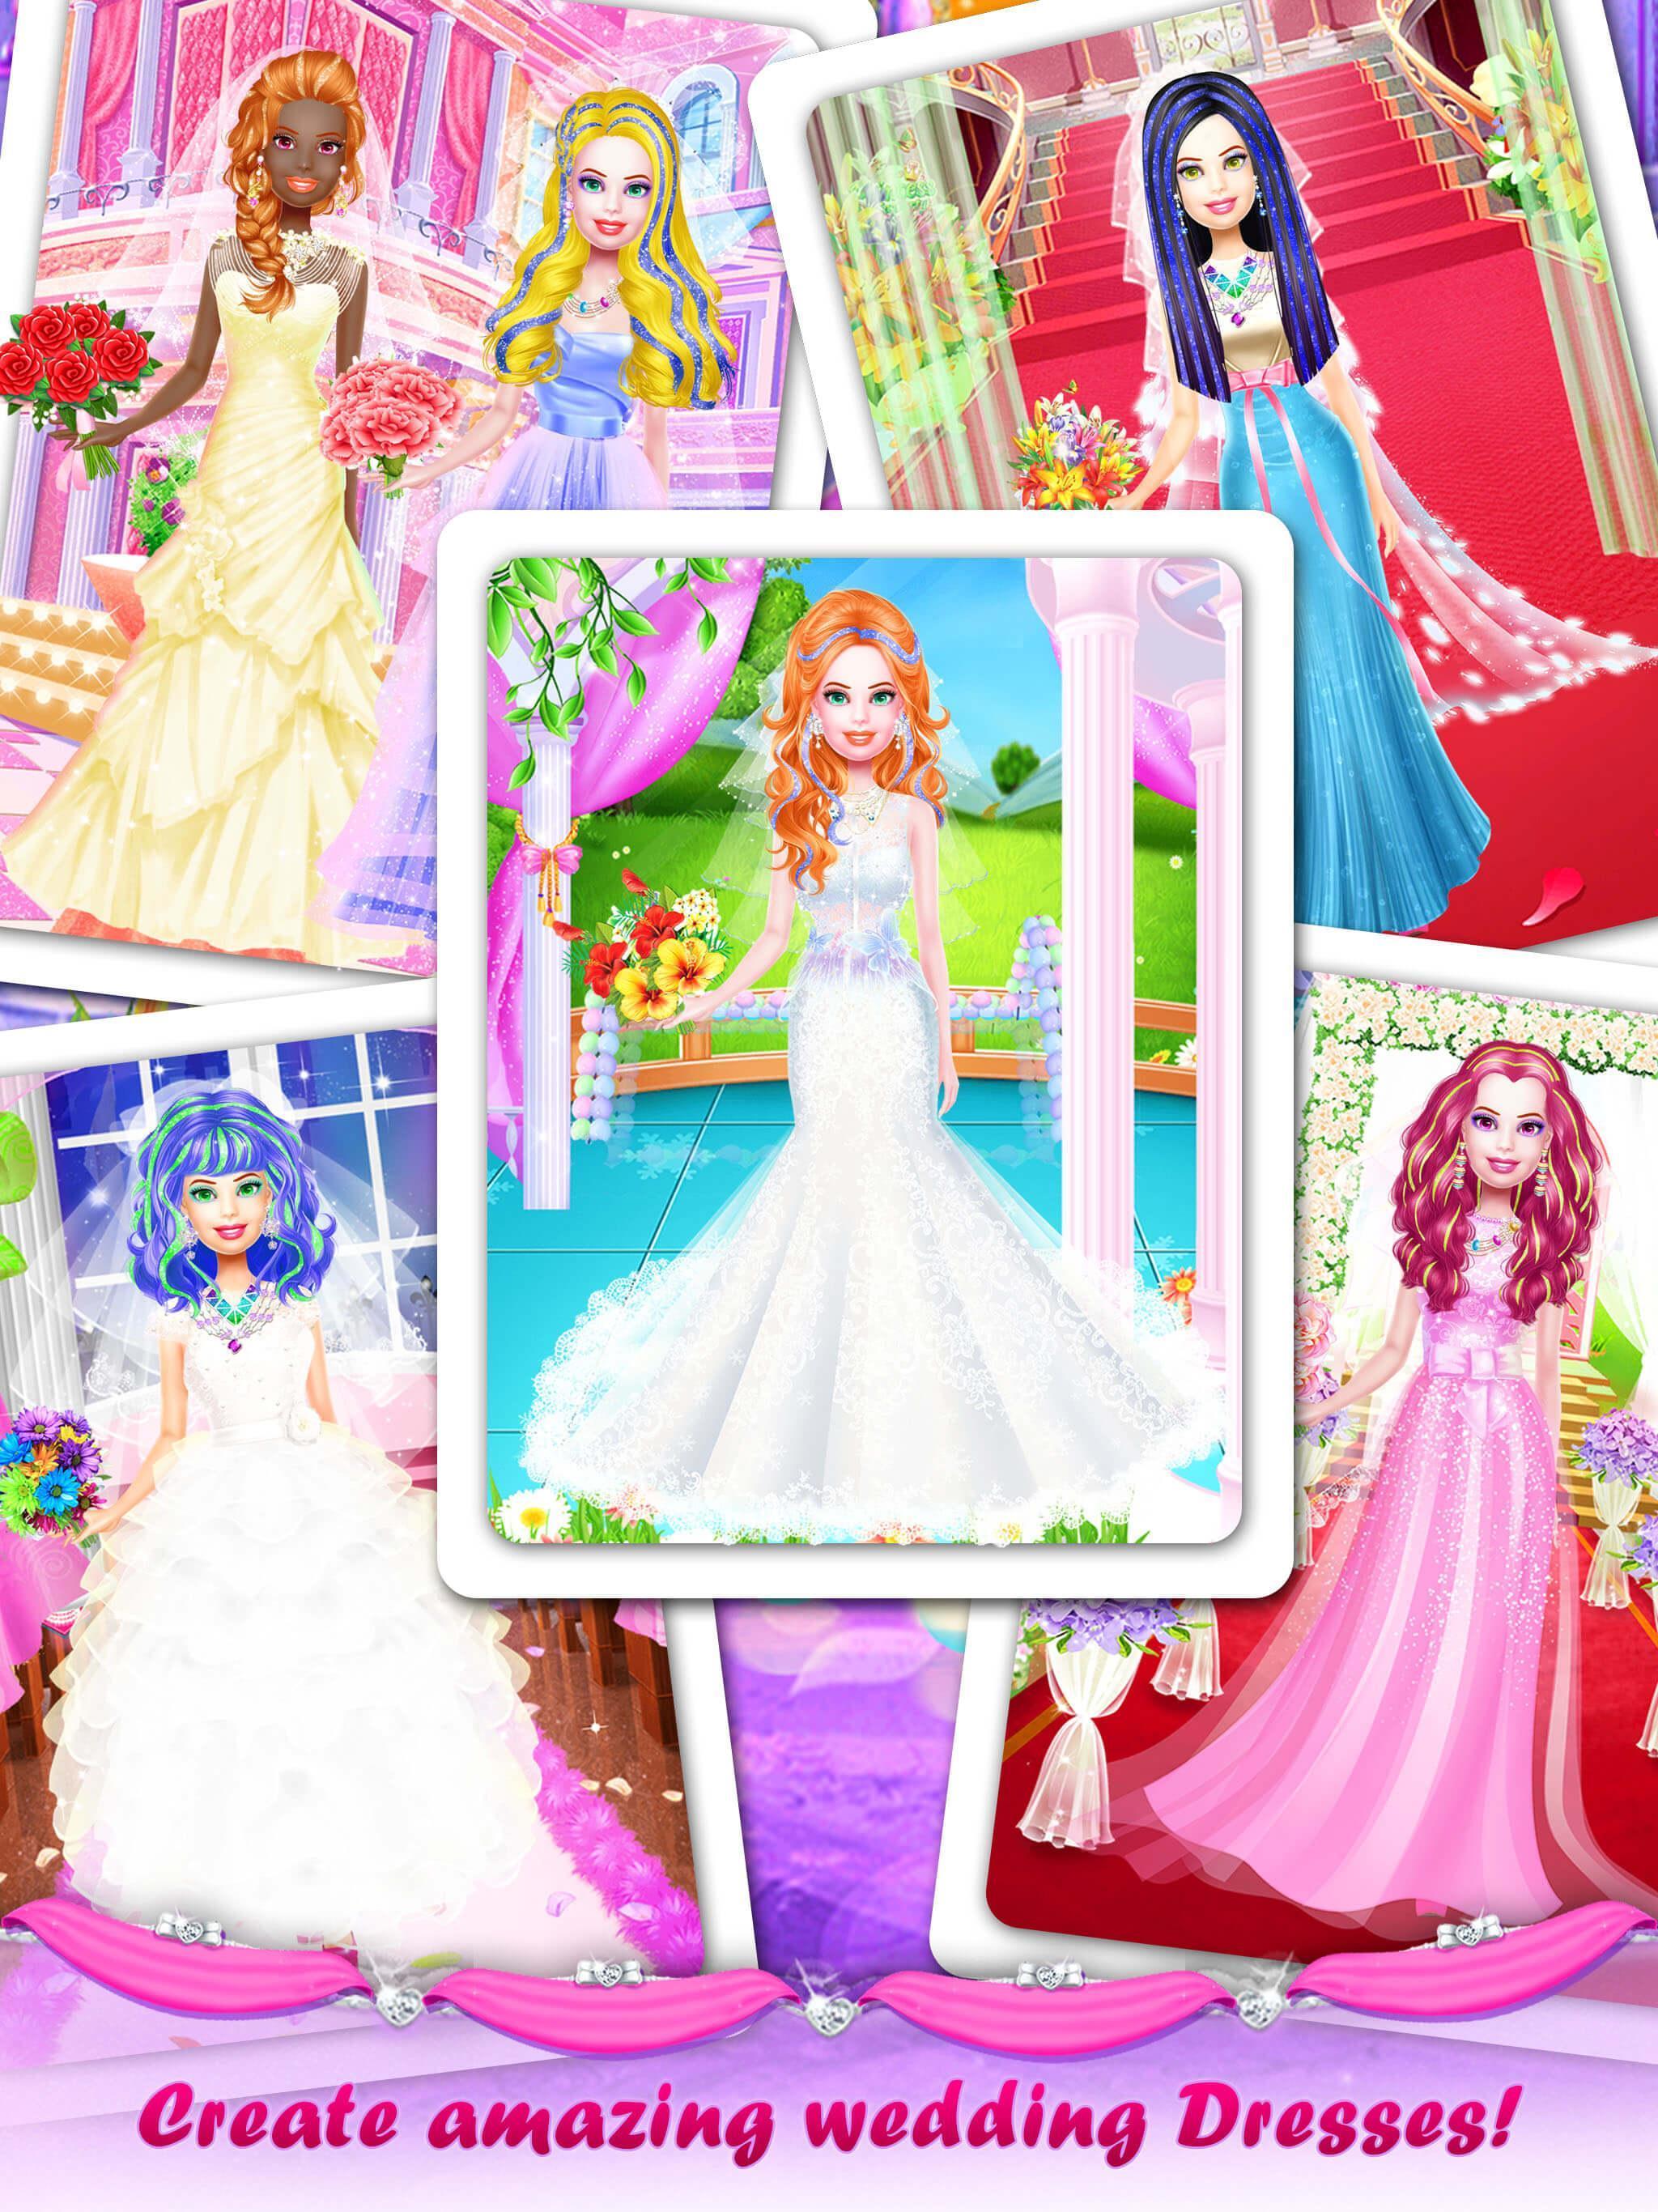 عميق دين تجاوز Barbie Wedding Dress Up Games Sjvbca Org